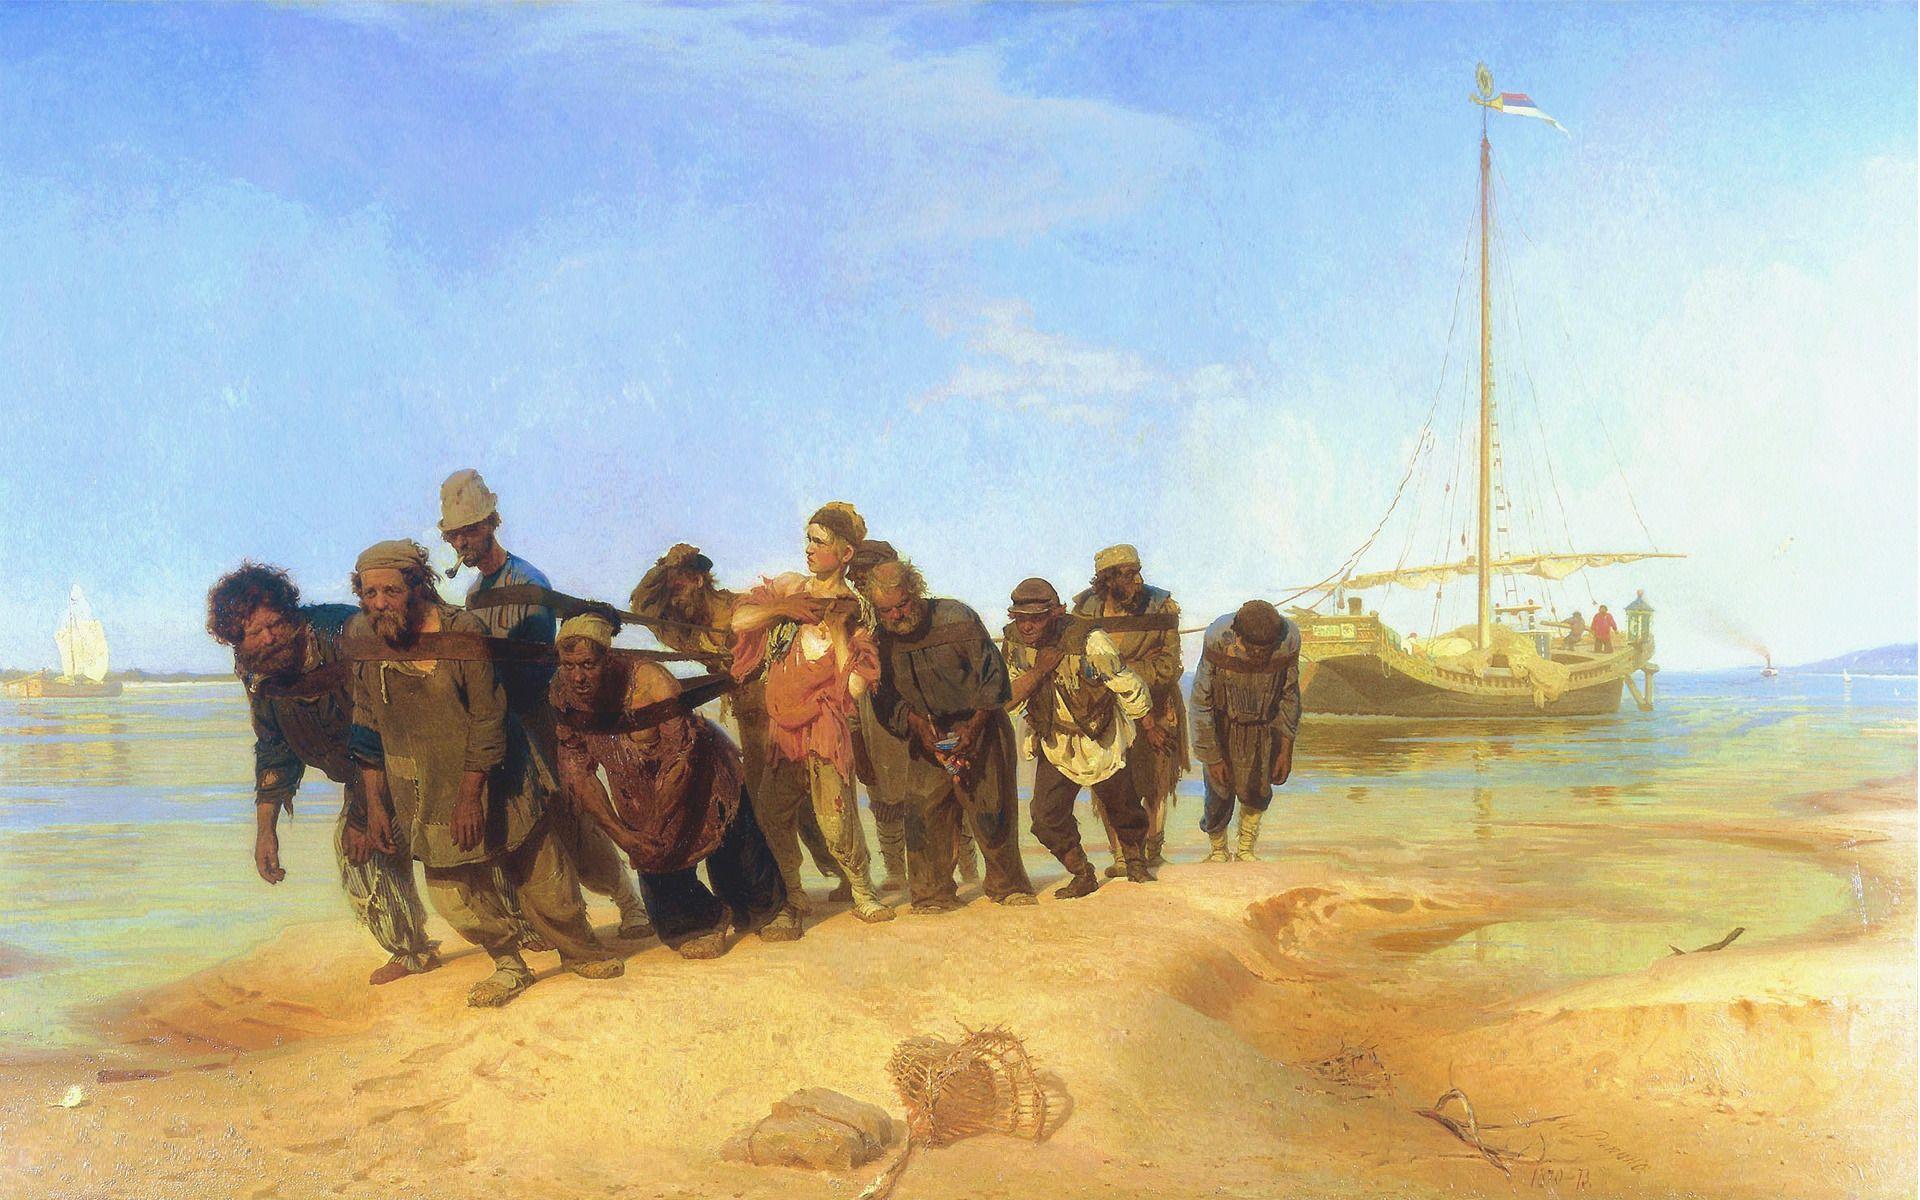 Repin Paintings Ilya Repin Wallpaper Painting 22 이미지 포함